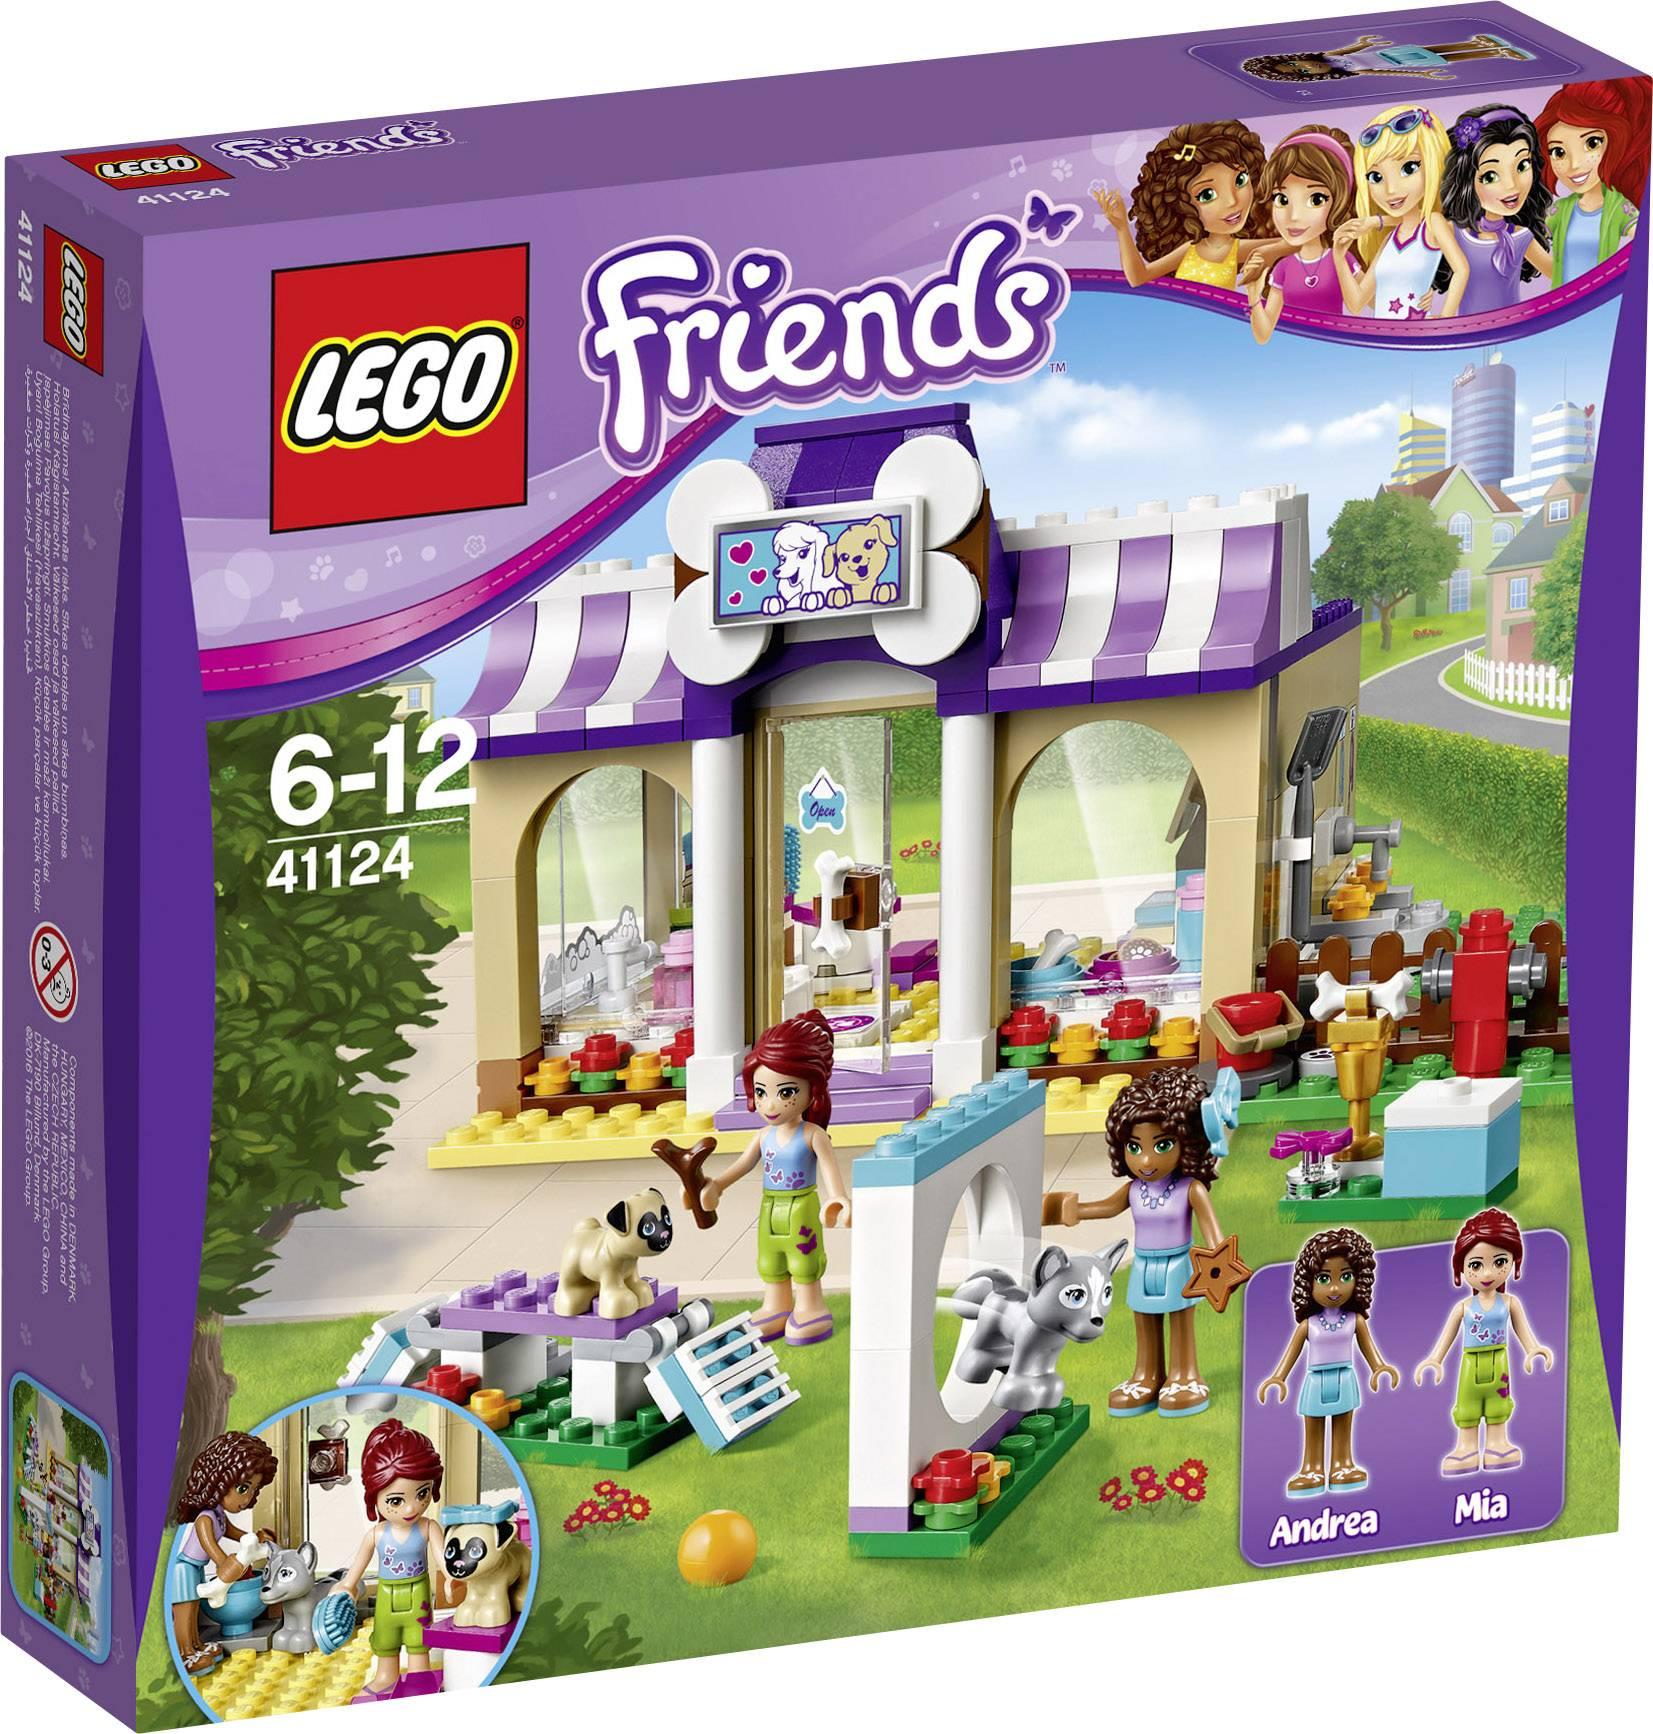 Lego Friends 41124 Heartlake Puppy Daycare Conradcom